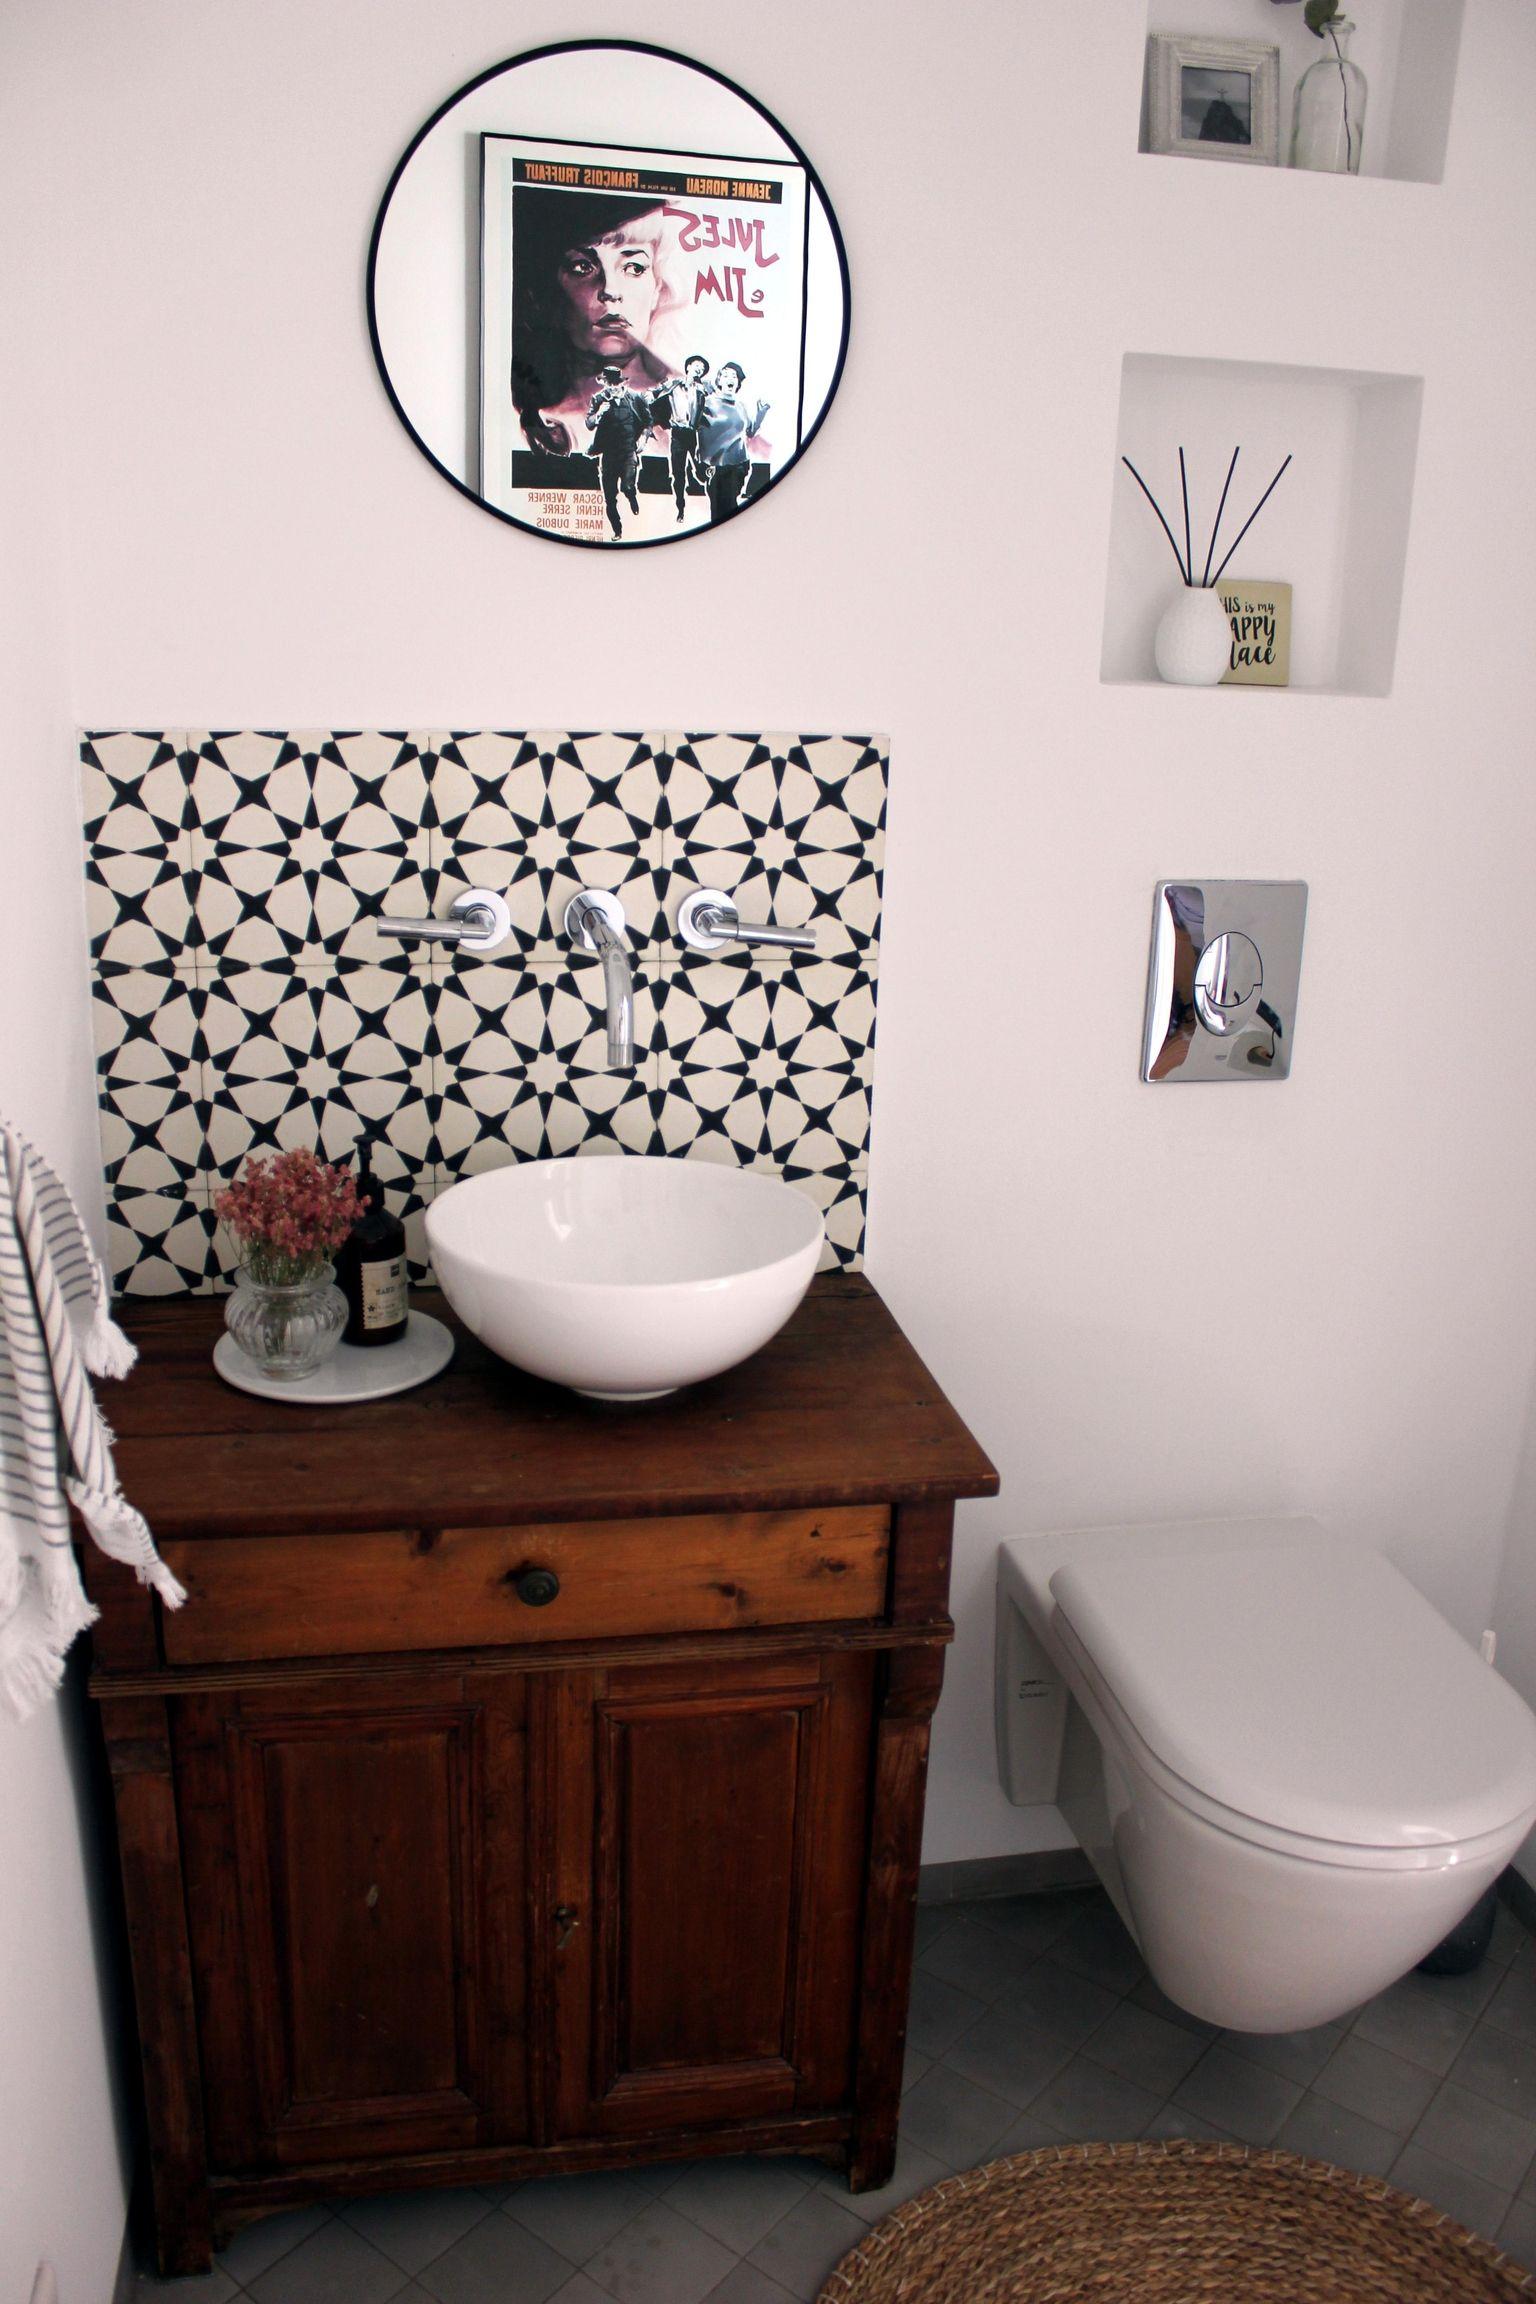 Icg mag die Kombi Fliesen-Waschtisch-Waschbecken imm…